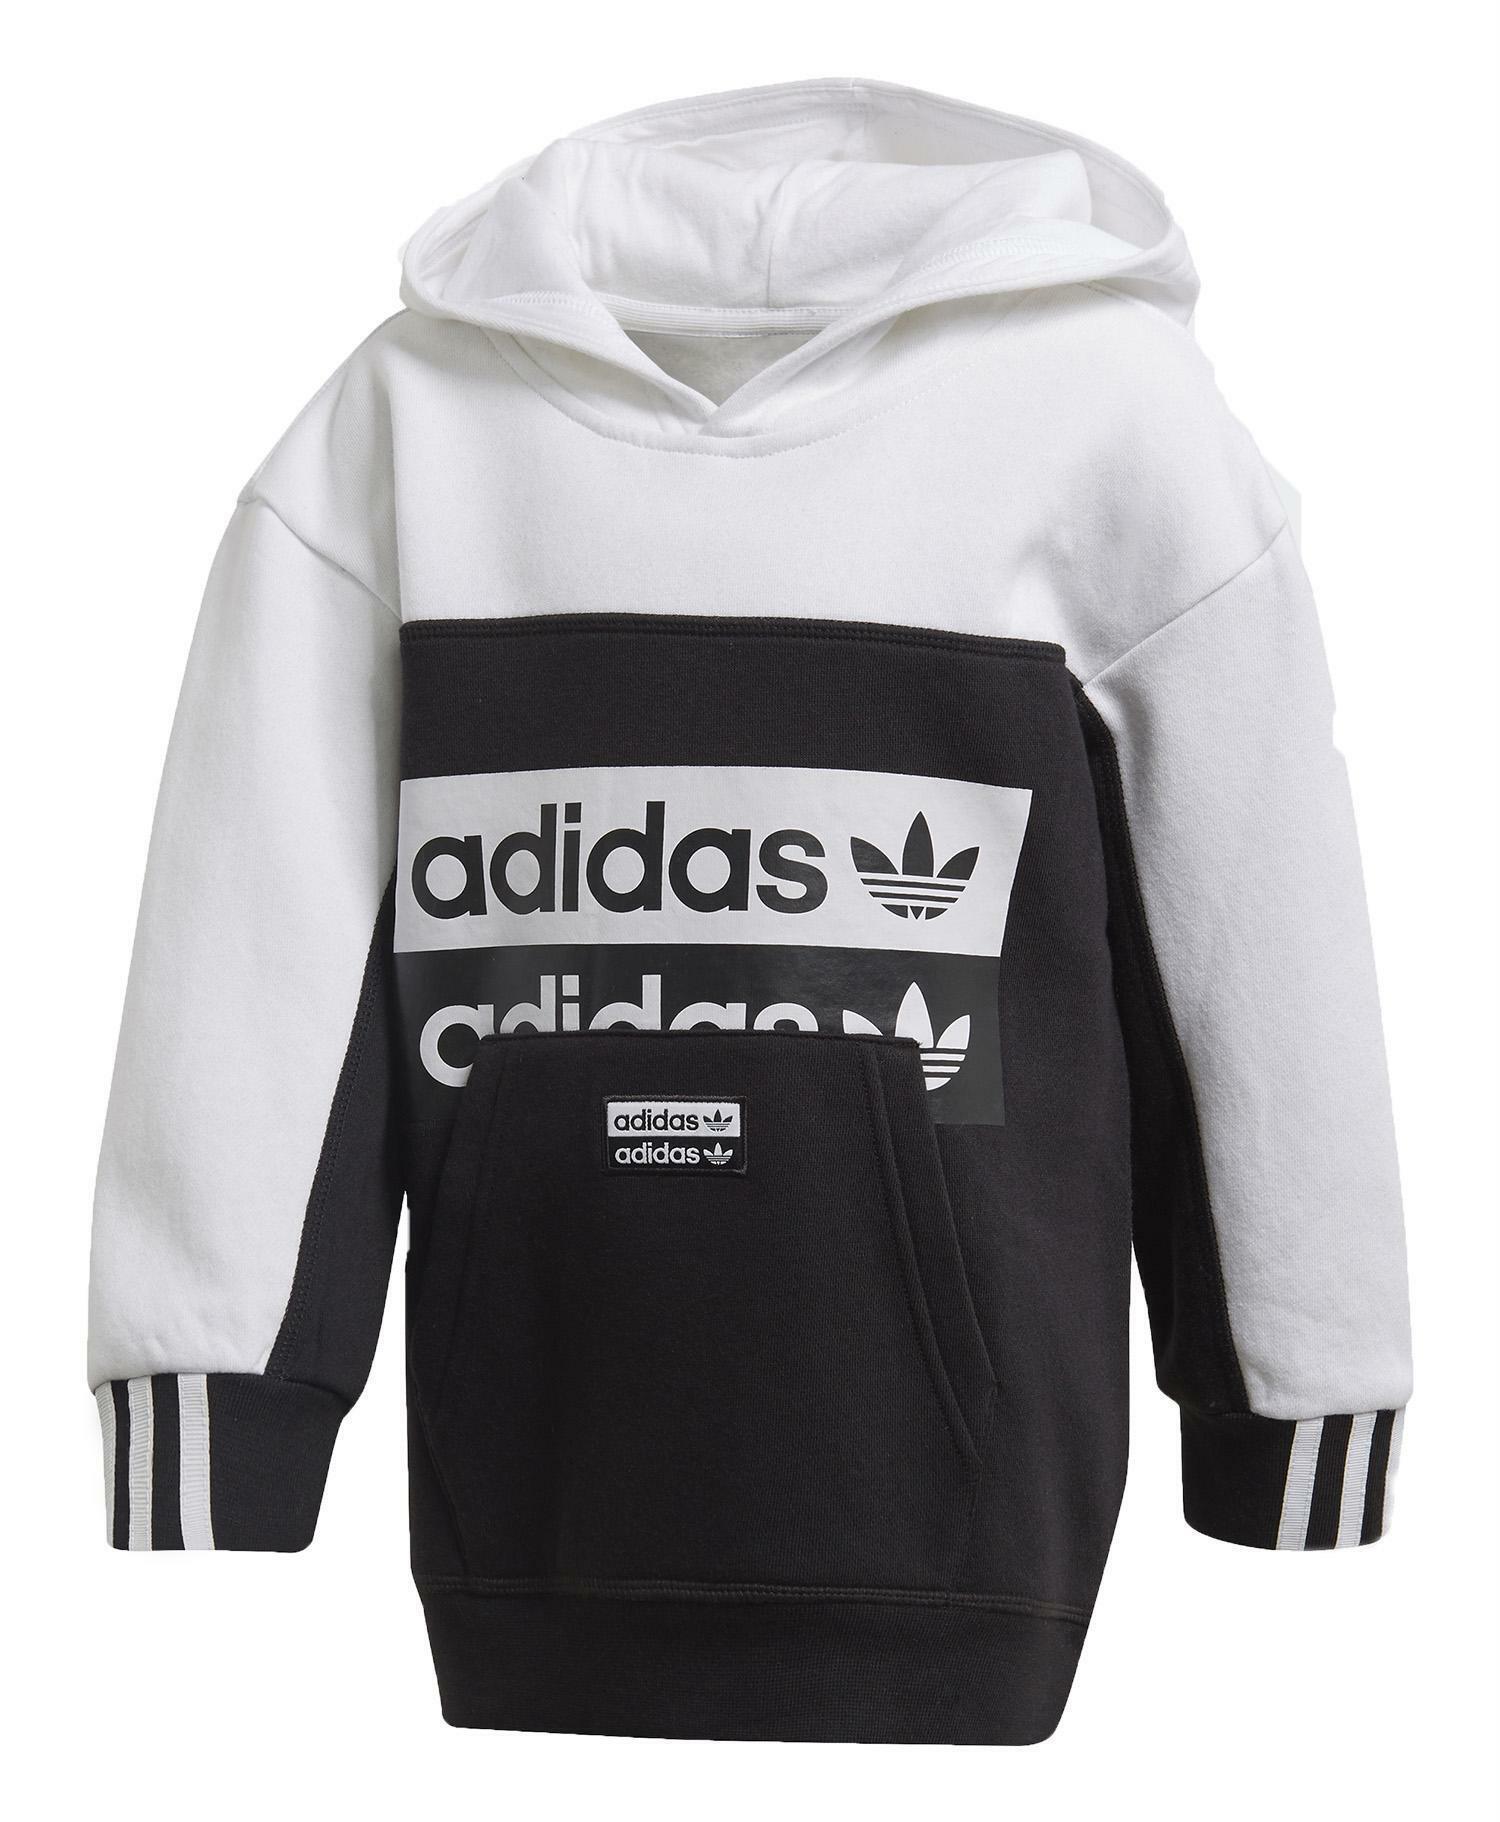 adidas adidas set tuta bambino nera fm7603